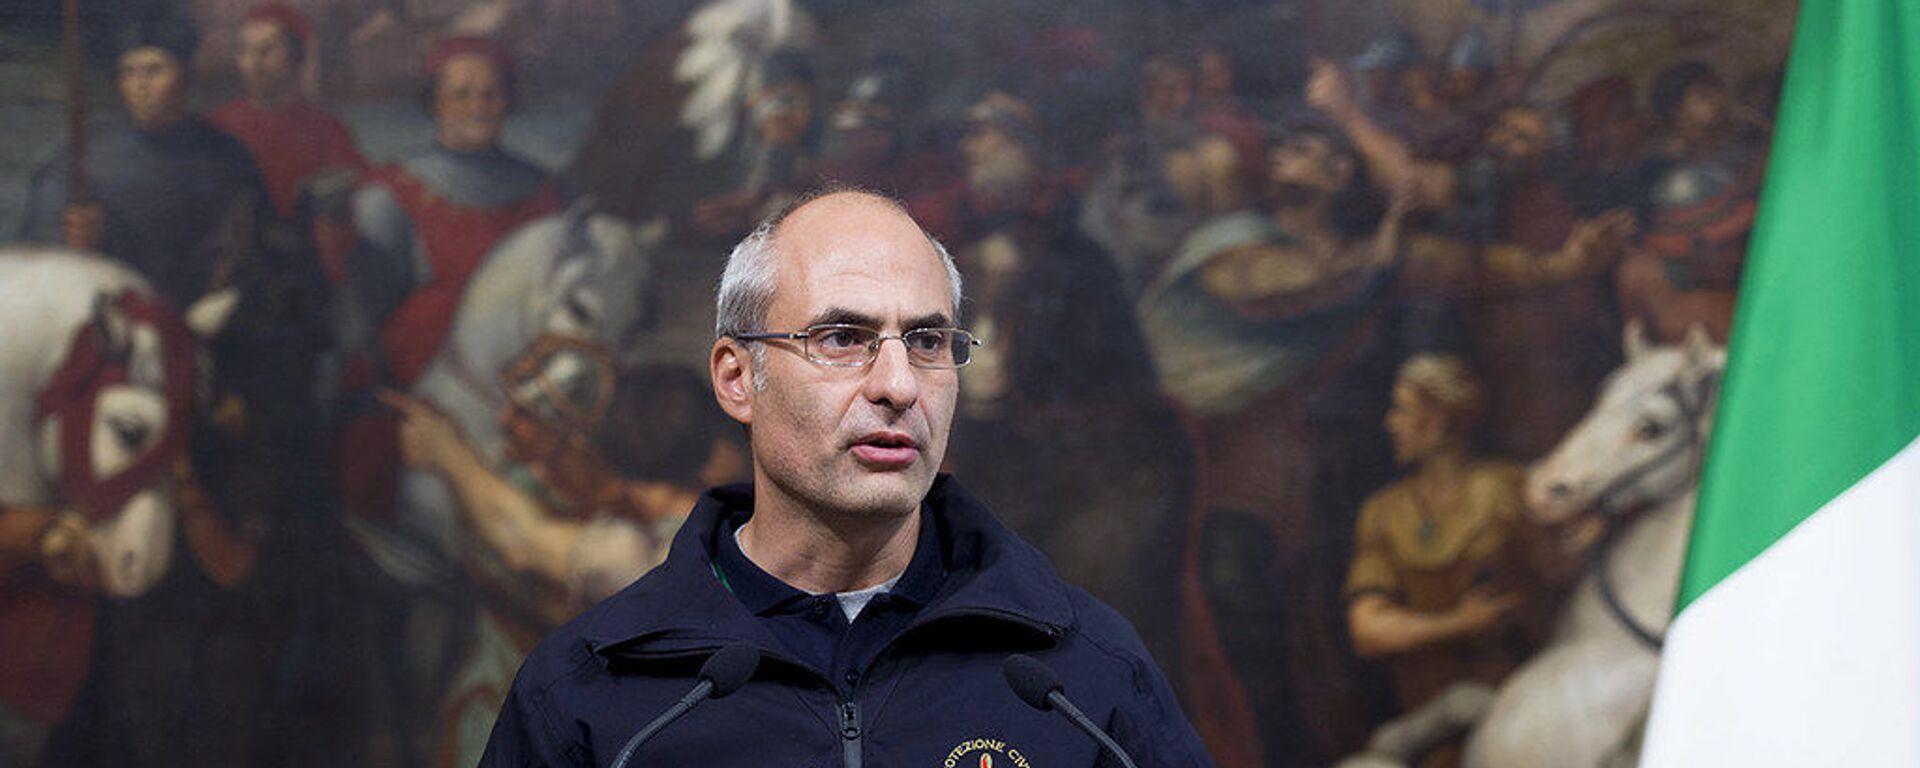 Fabrizio Curcio, nuovo capo del Dipartimento della Protezione Civile - Sputnik Italia, 1920, 13.04.2021